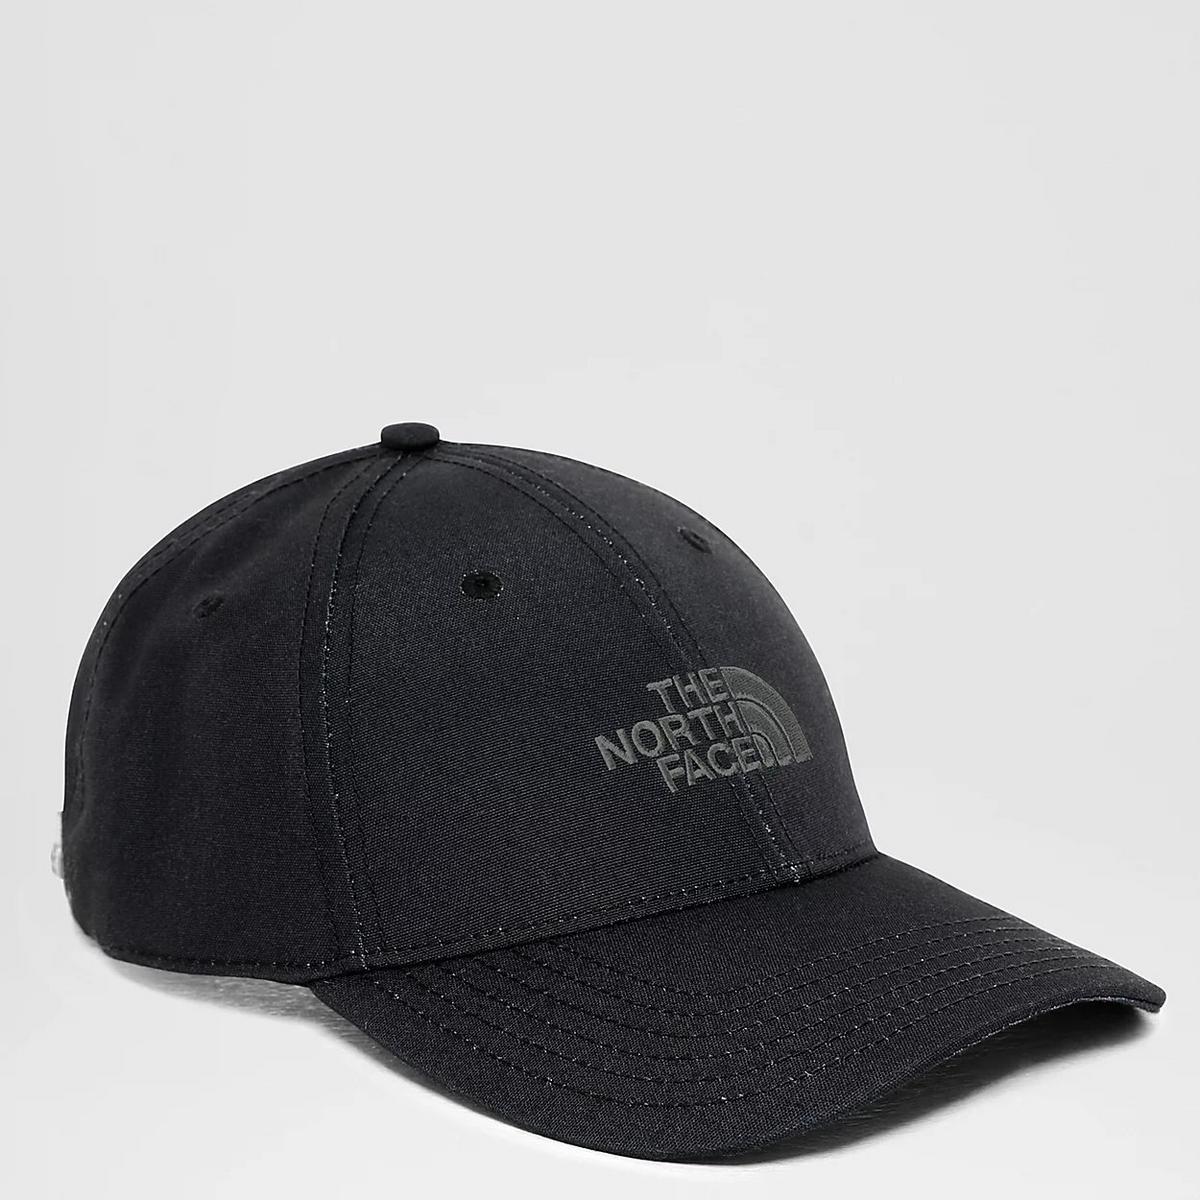 The North Face Men's 66 Classic Cap